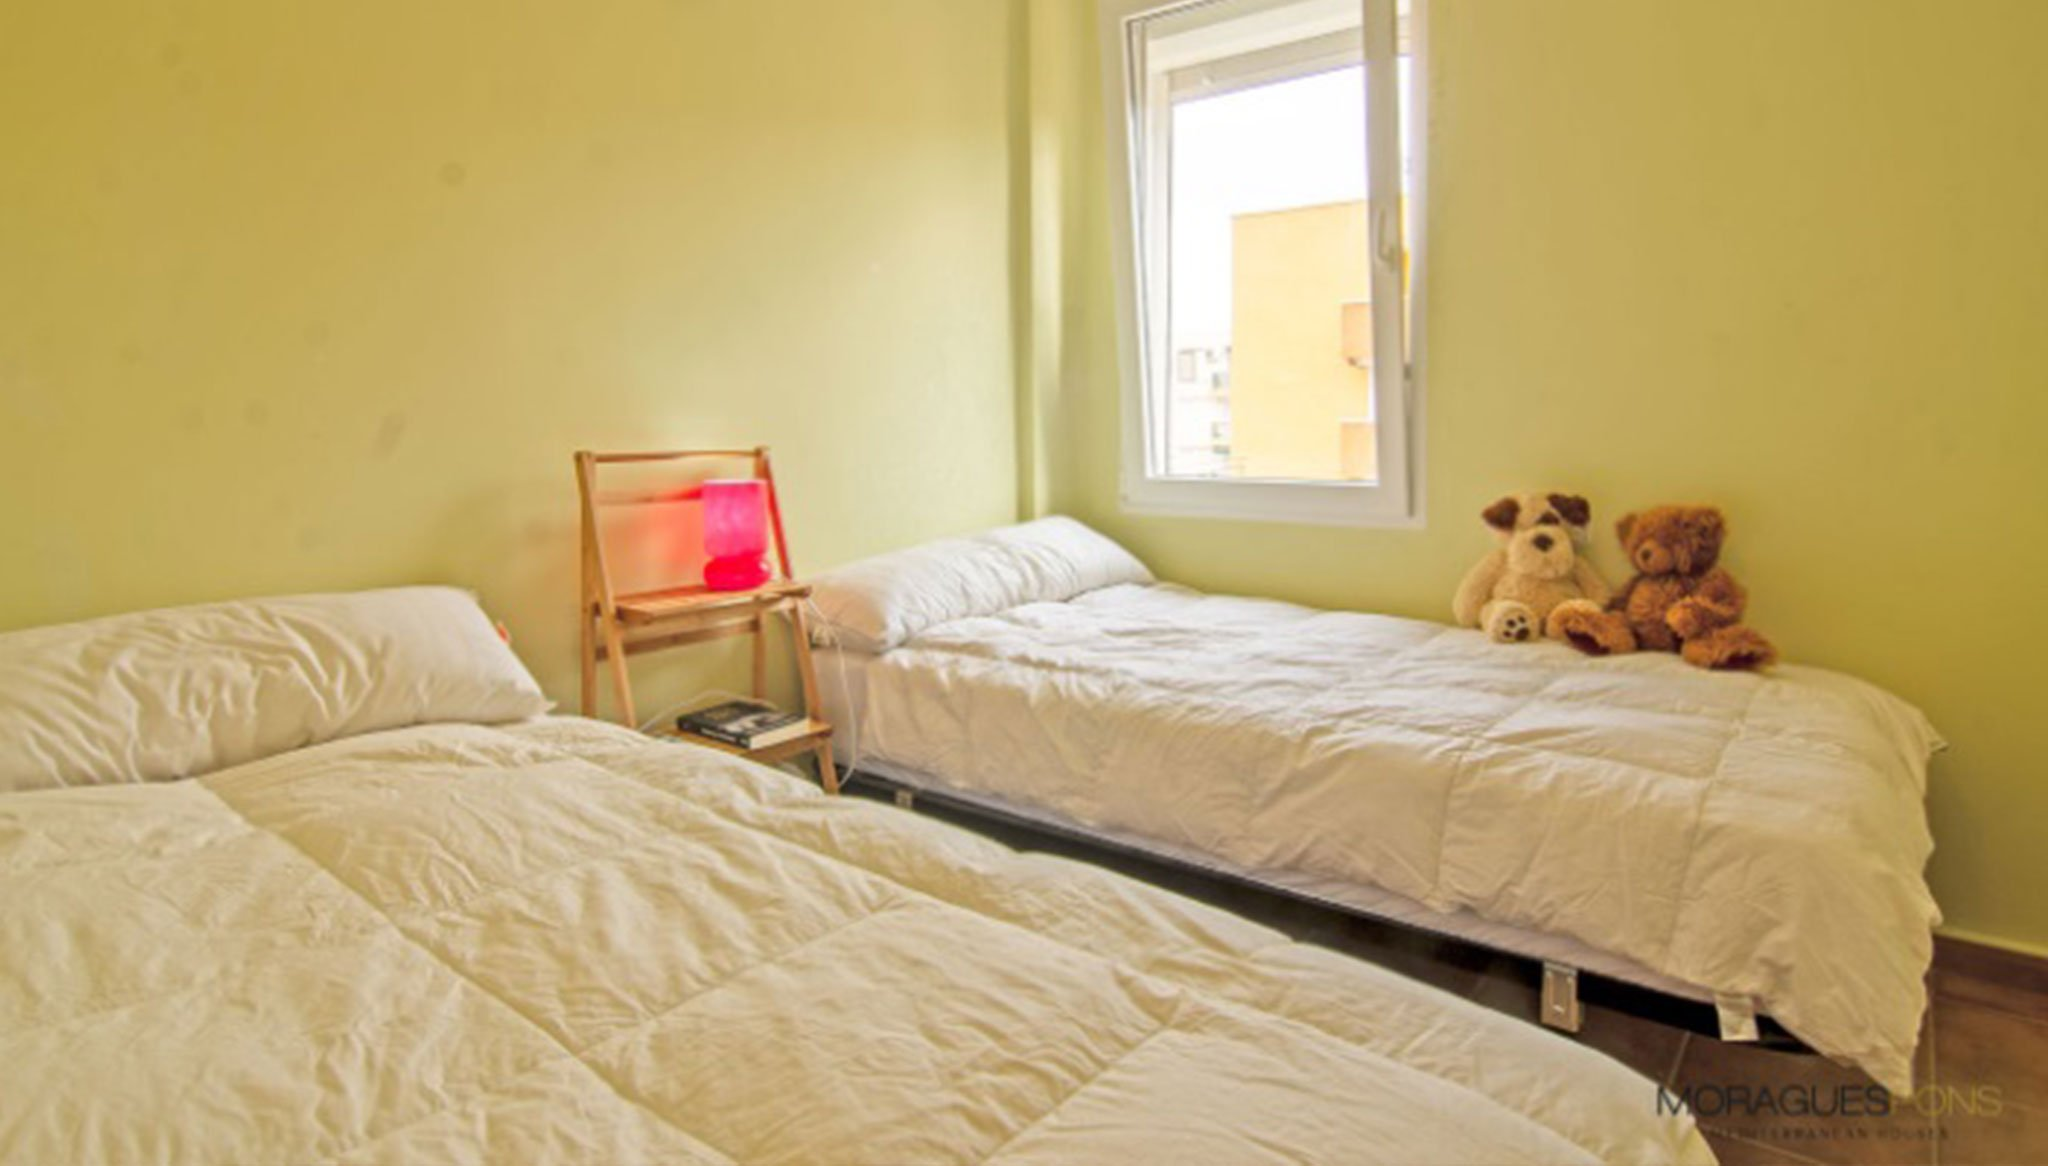 Dormitorio de un piso en venta en Jávea – MORAGUESPONS Mediterranean Houses